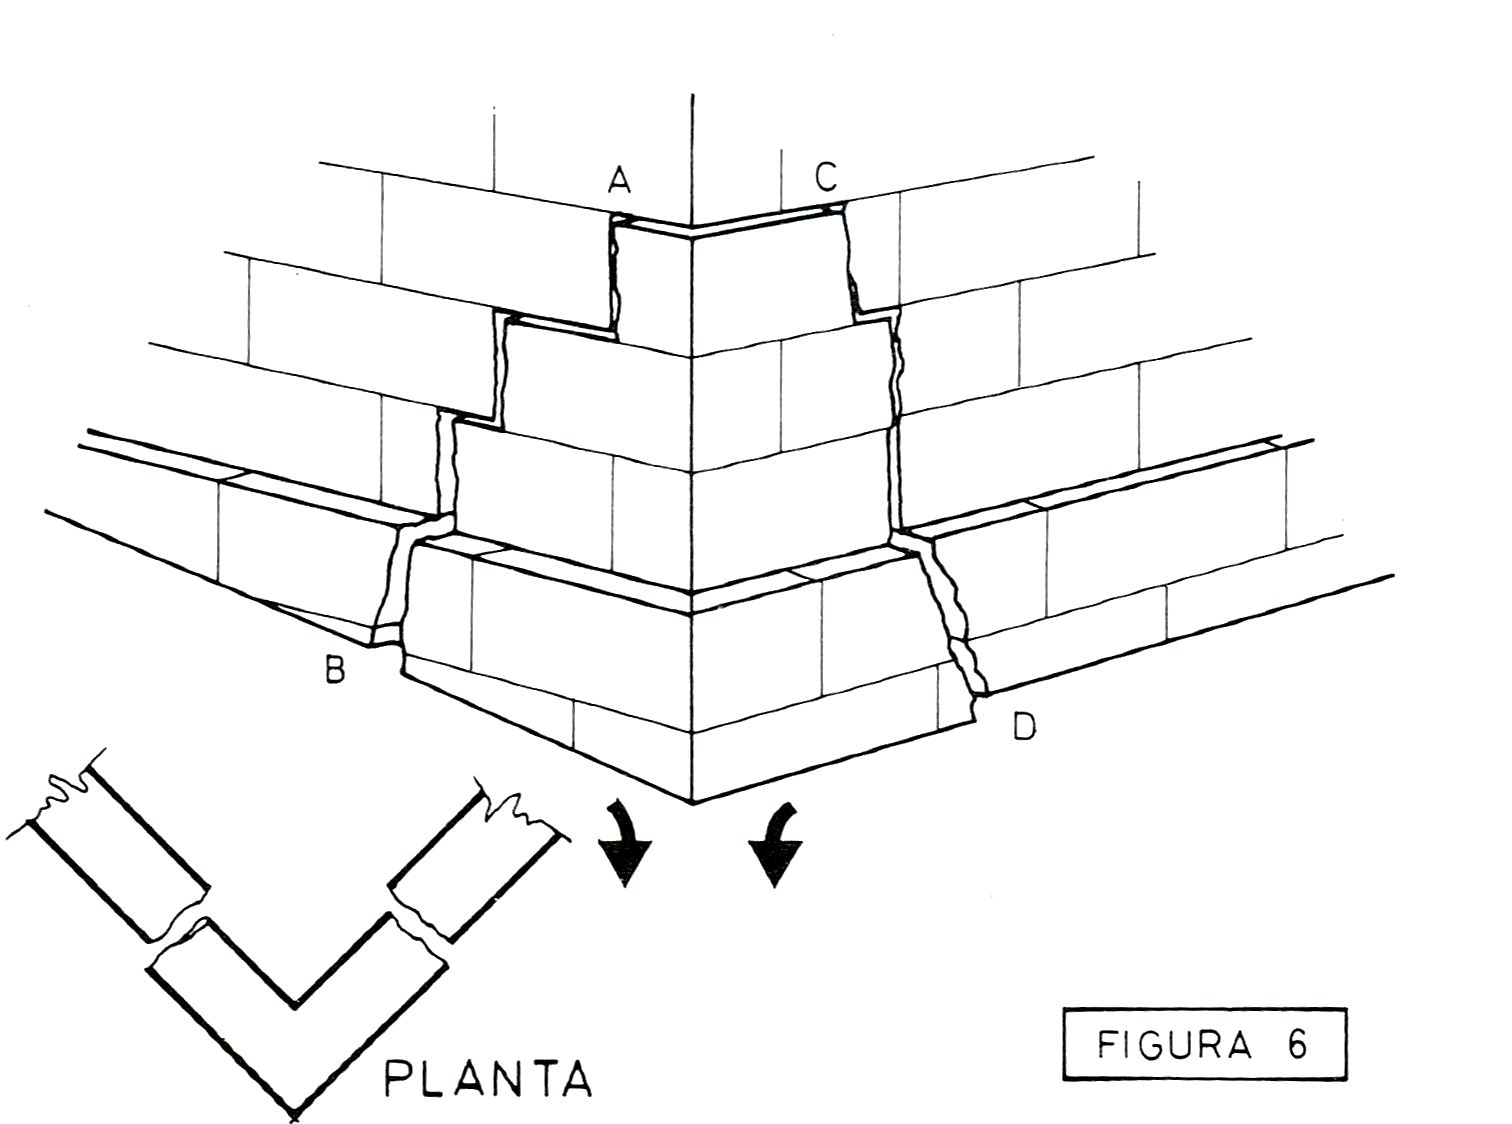 Desplazamiento de esquina en fachadas